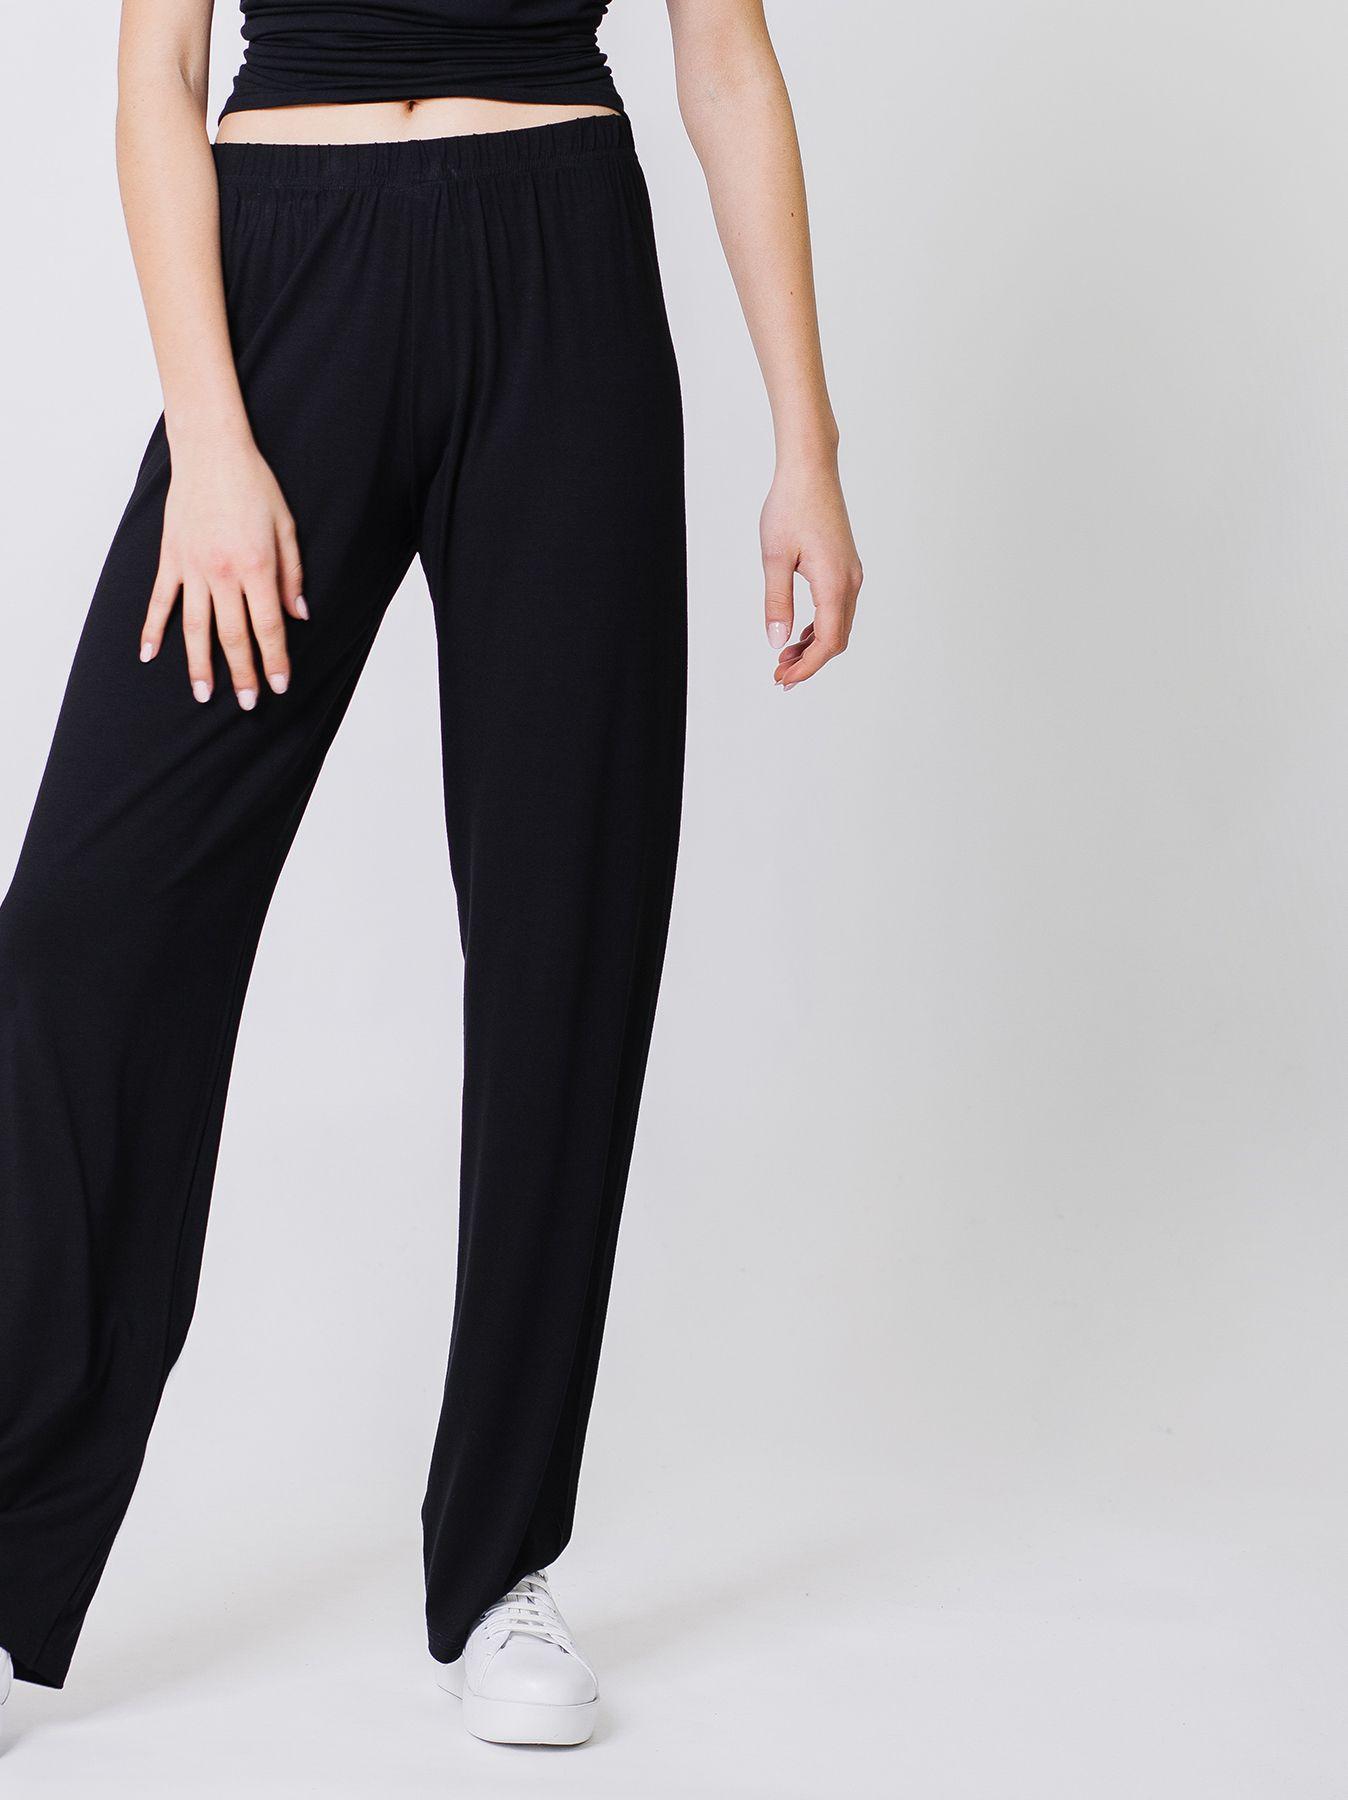 Pantalone gamba stretta